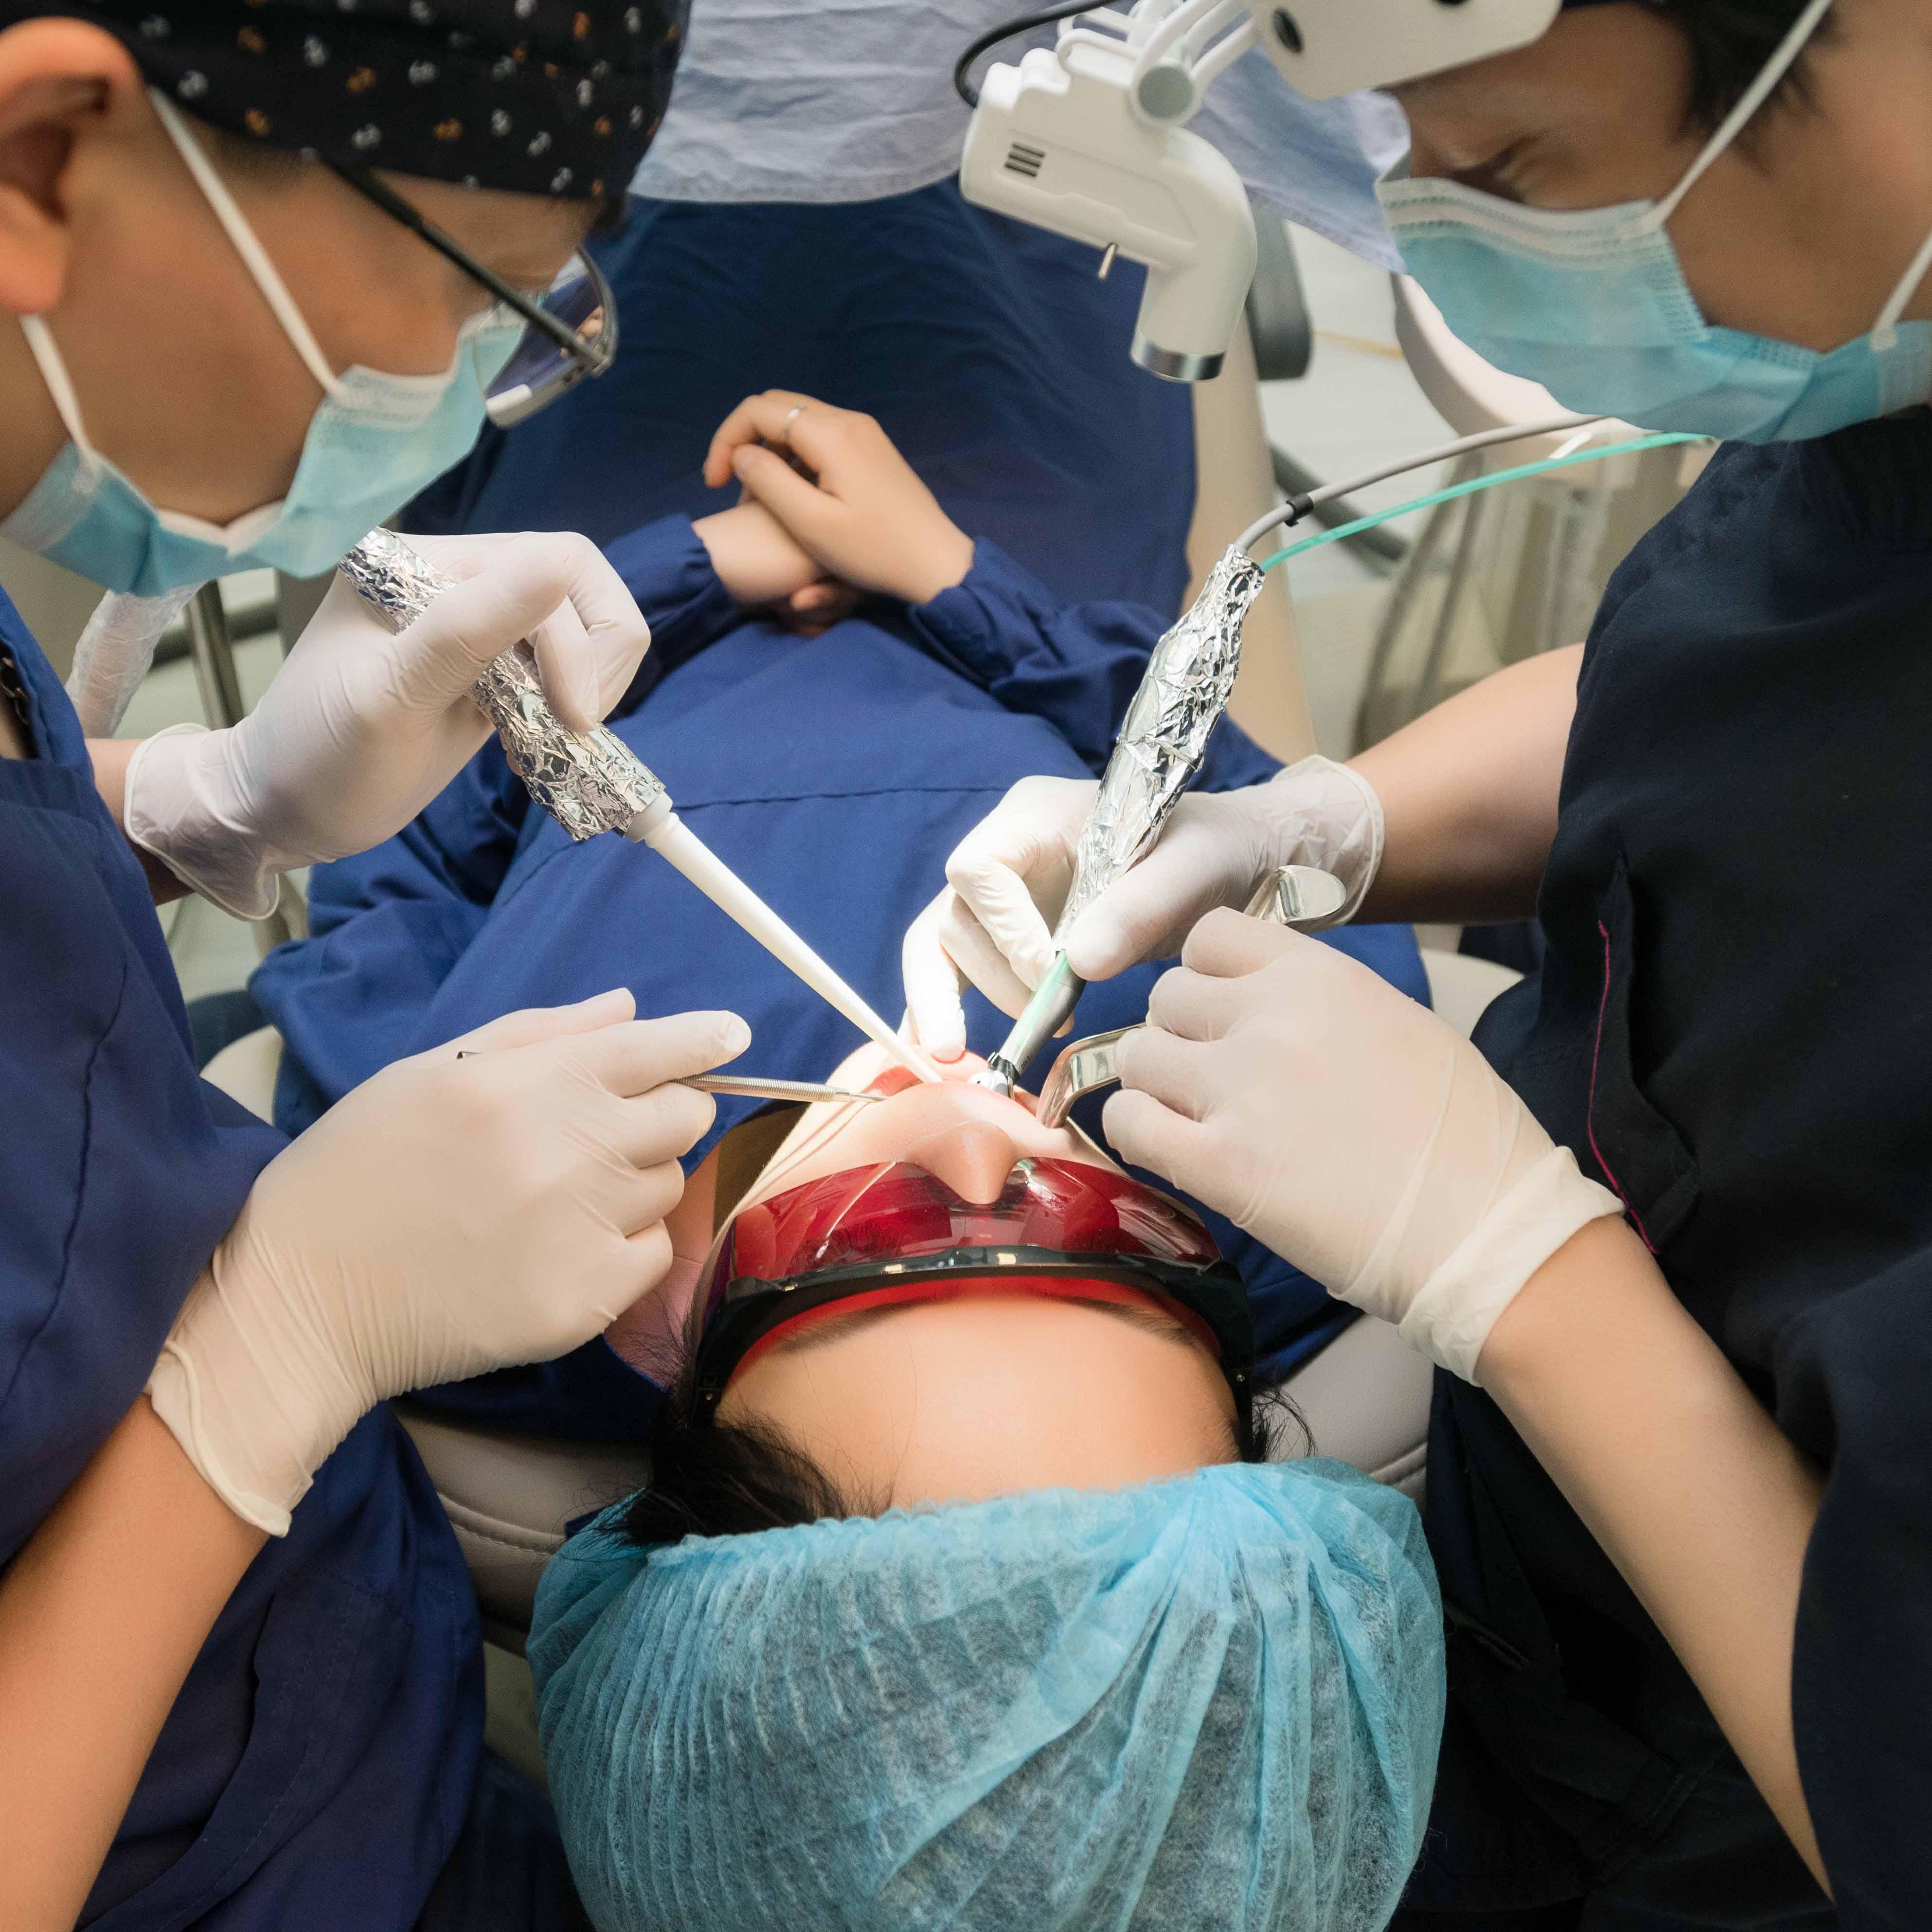 Thực hiện phẫu thuật nha chu tại Nha khoa Dr.Lee